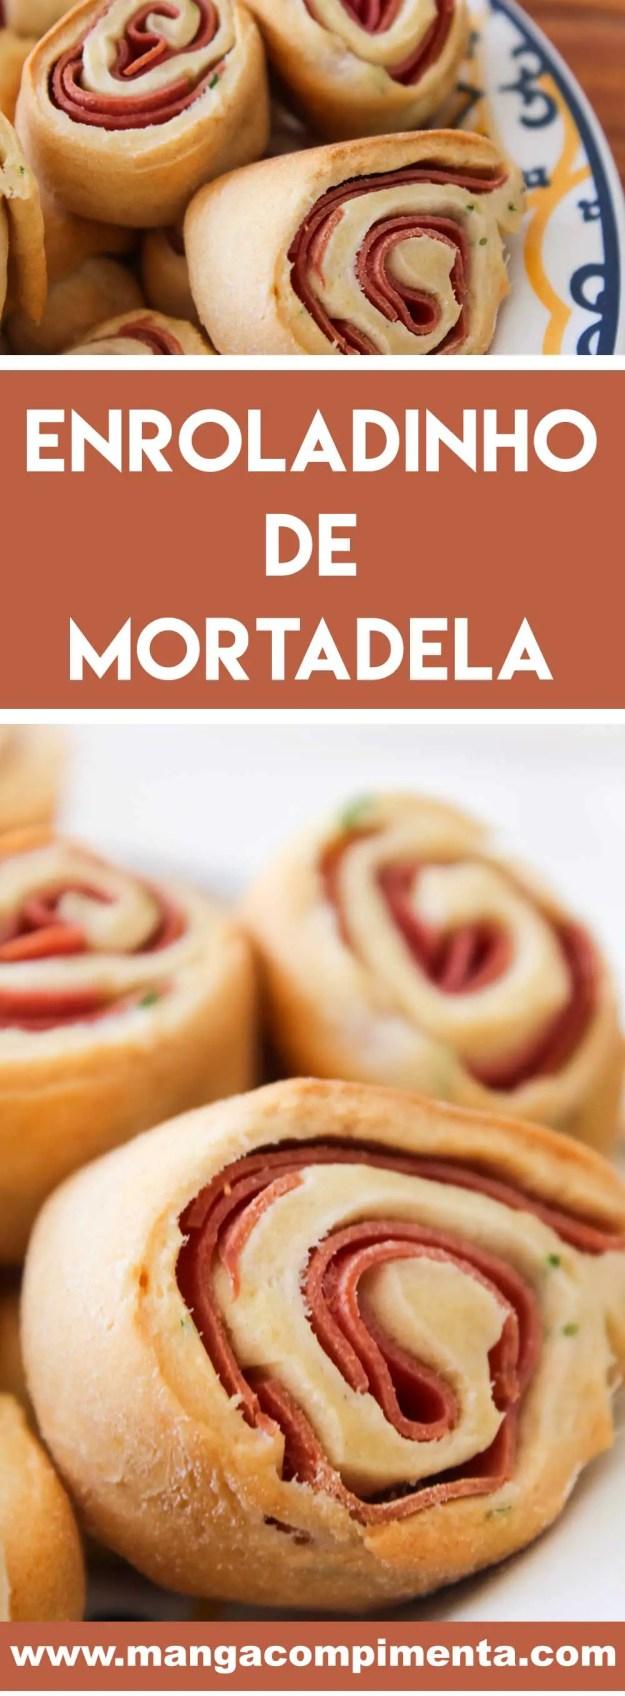 Receita de Enroladinho de Mortadela - um petisco gostoso para comer acompanhado com os amigos e uma bebida geladinha!